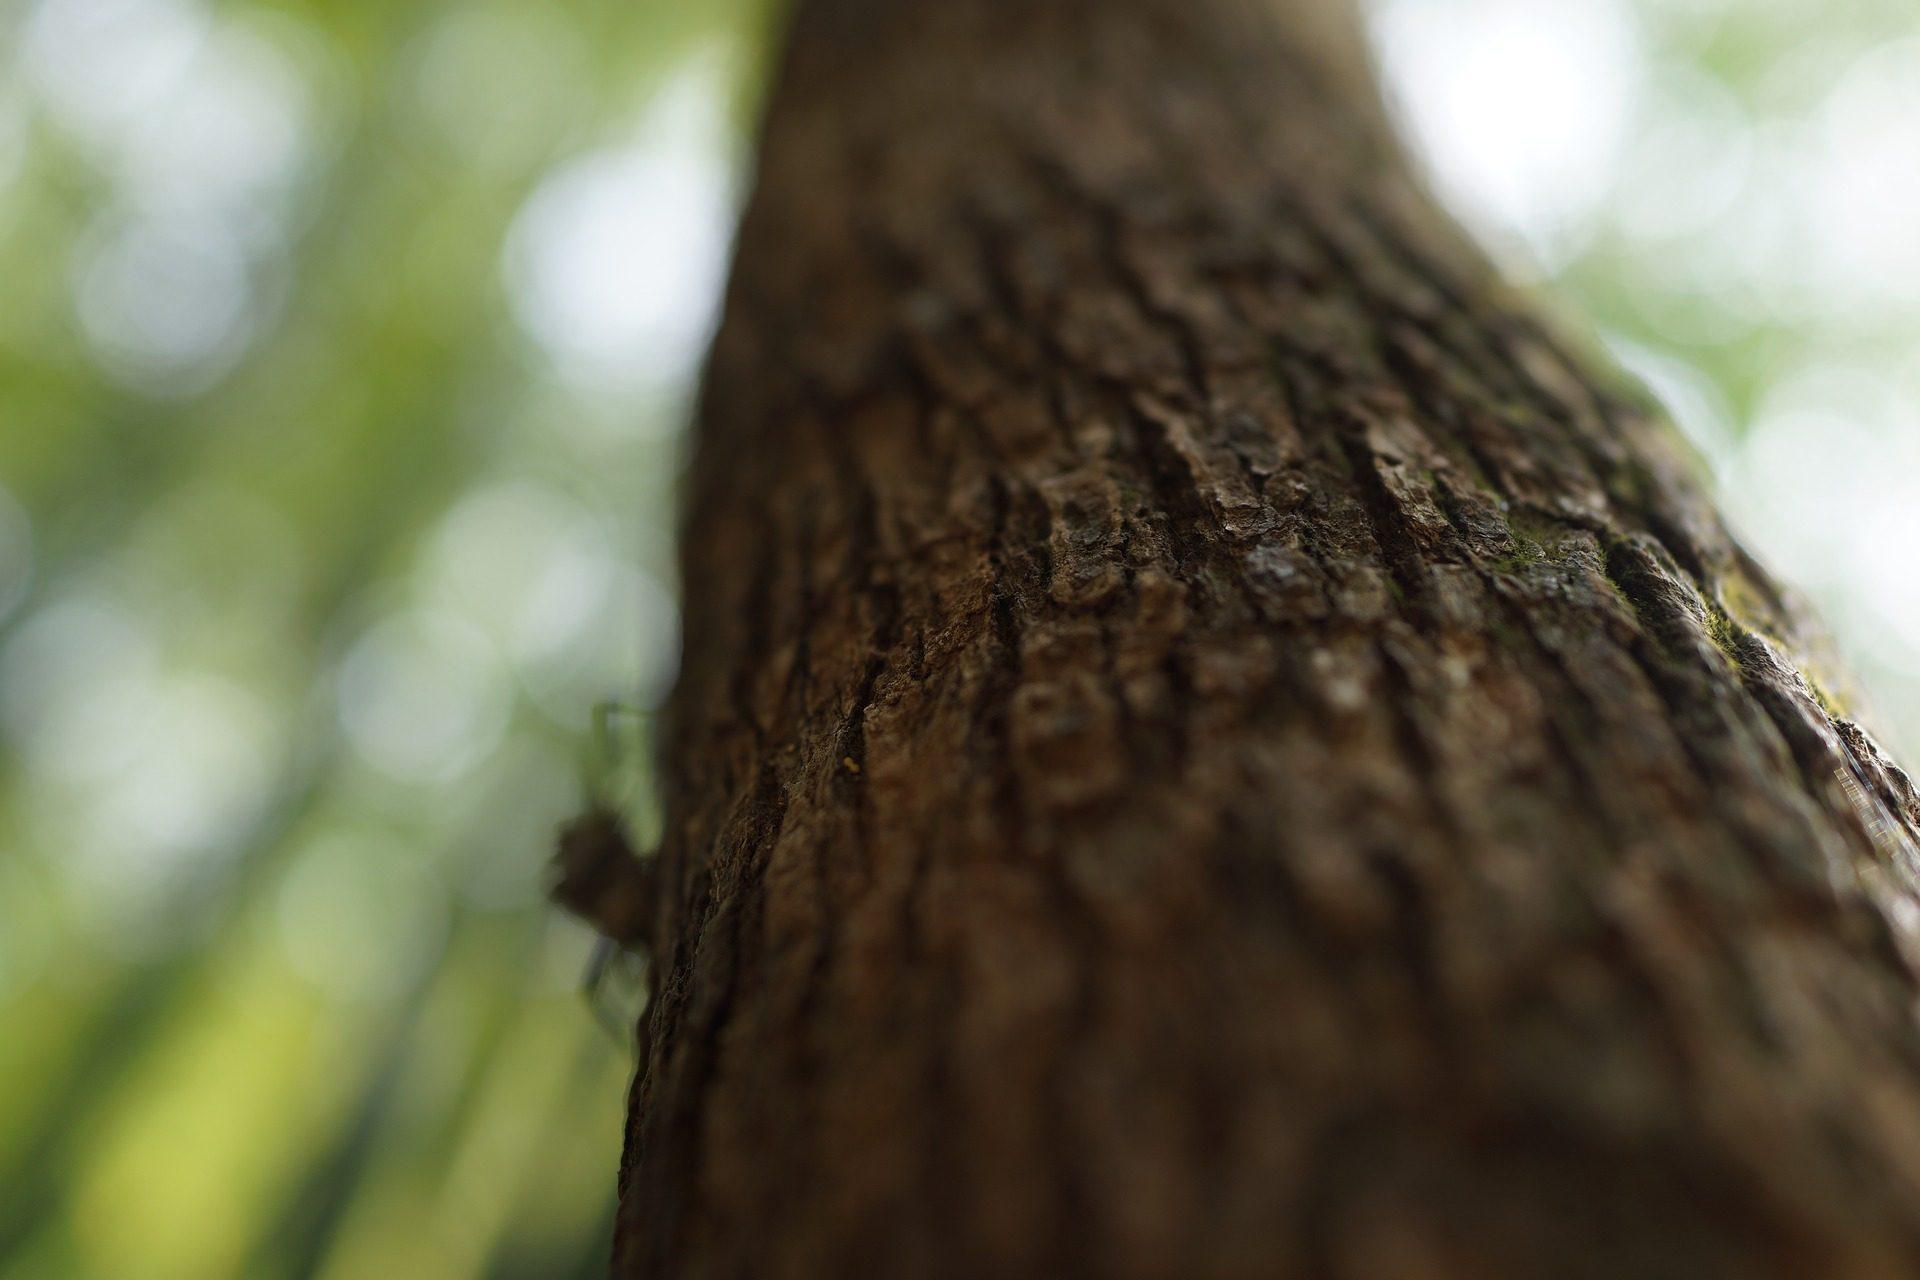 ट्रंक, पेड़, छाल, वन, के बारे में - HD वॉलपेपर - प्रोफेसर-falken.com